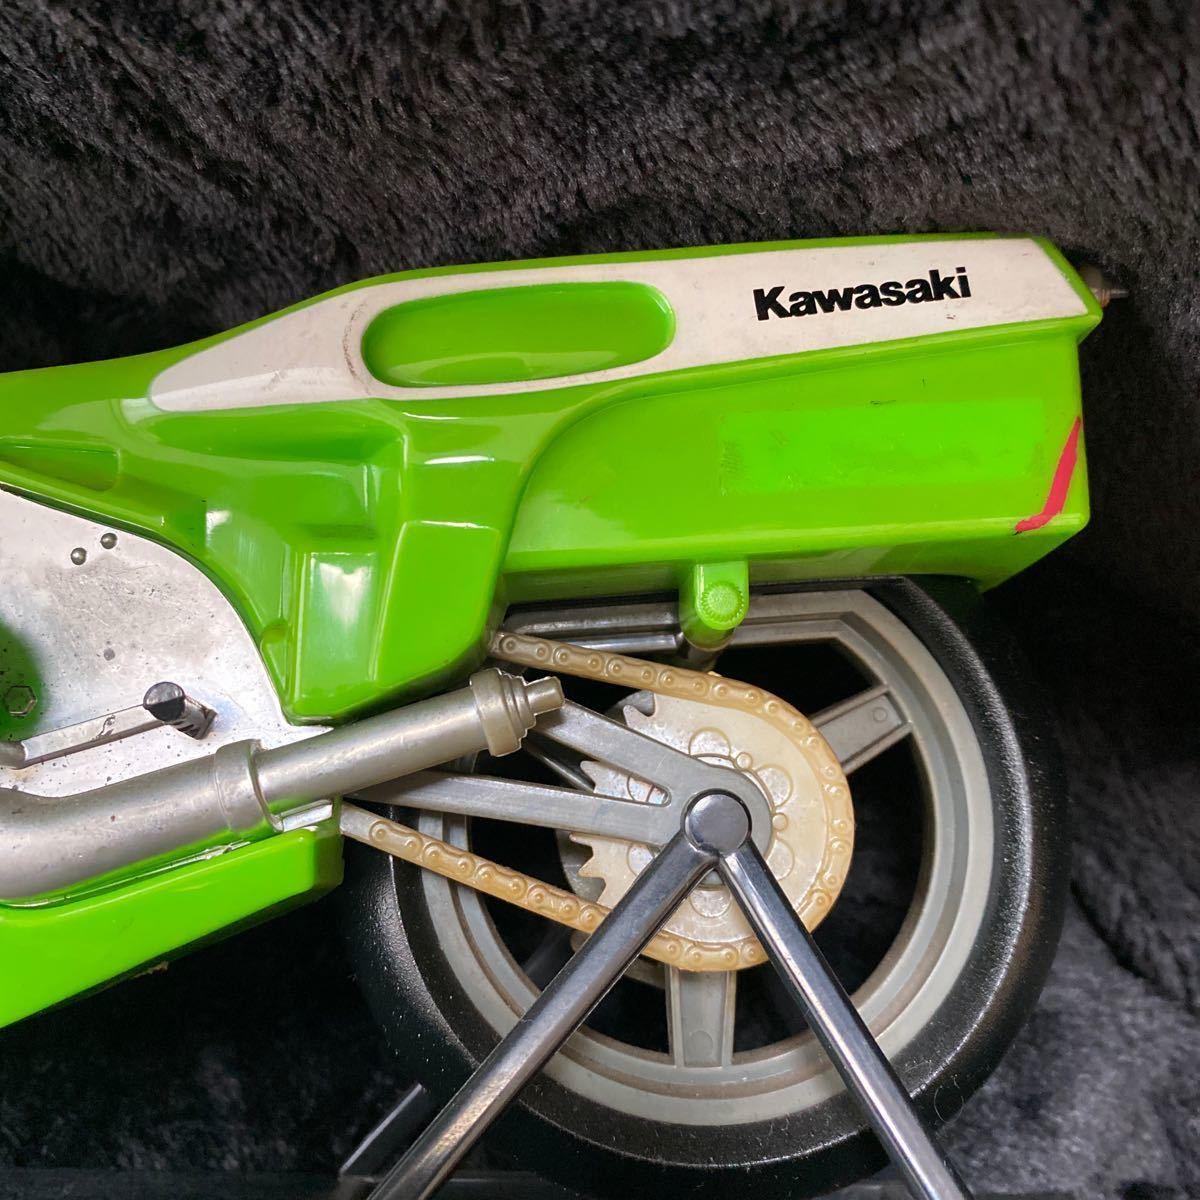 【現状渡し】Kawasaki YE-500 バイク型固定電話 ユピテル工業株式会社 レトロ コレクション品 カワサキ バイク アンティーク 電話機電話器_画像6